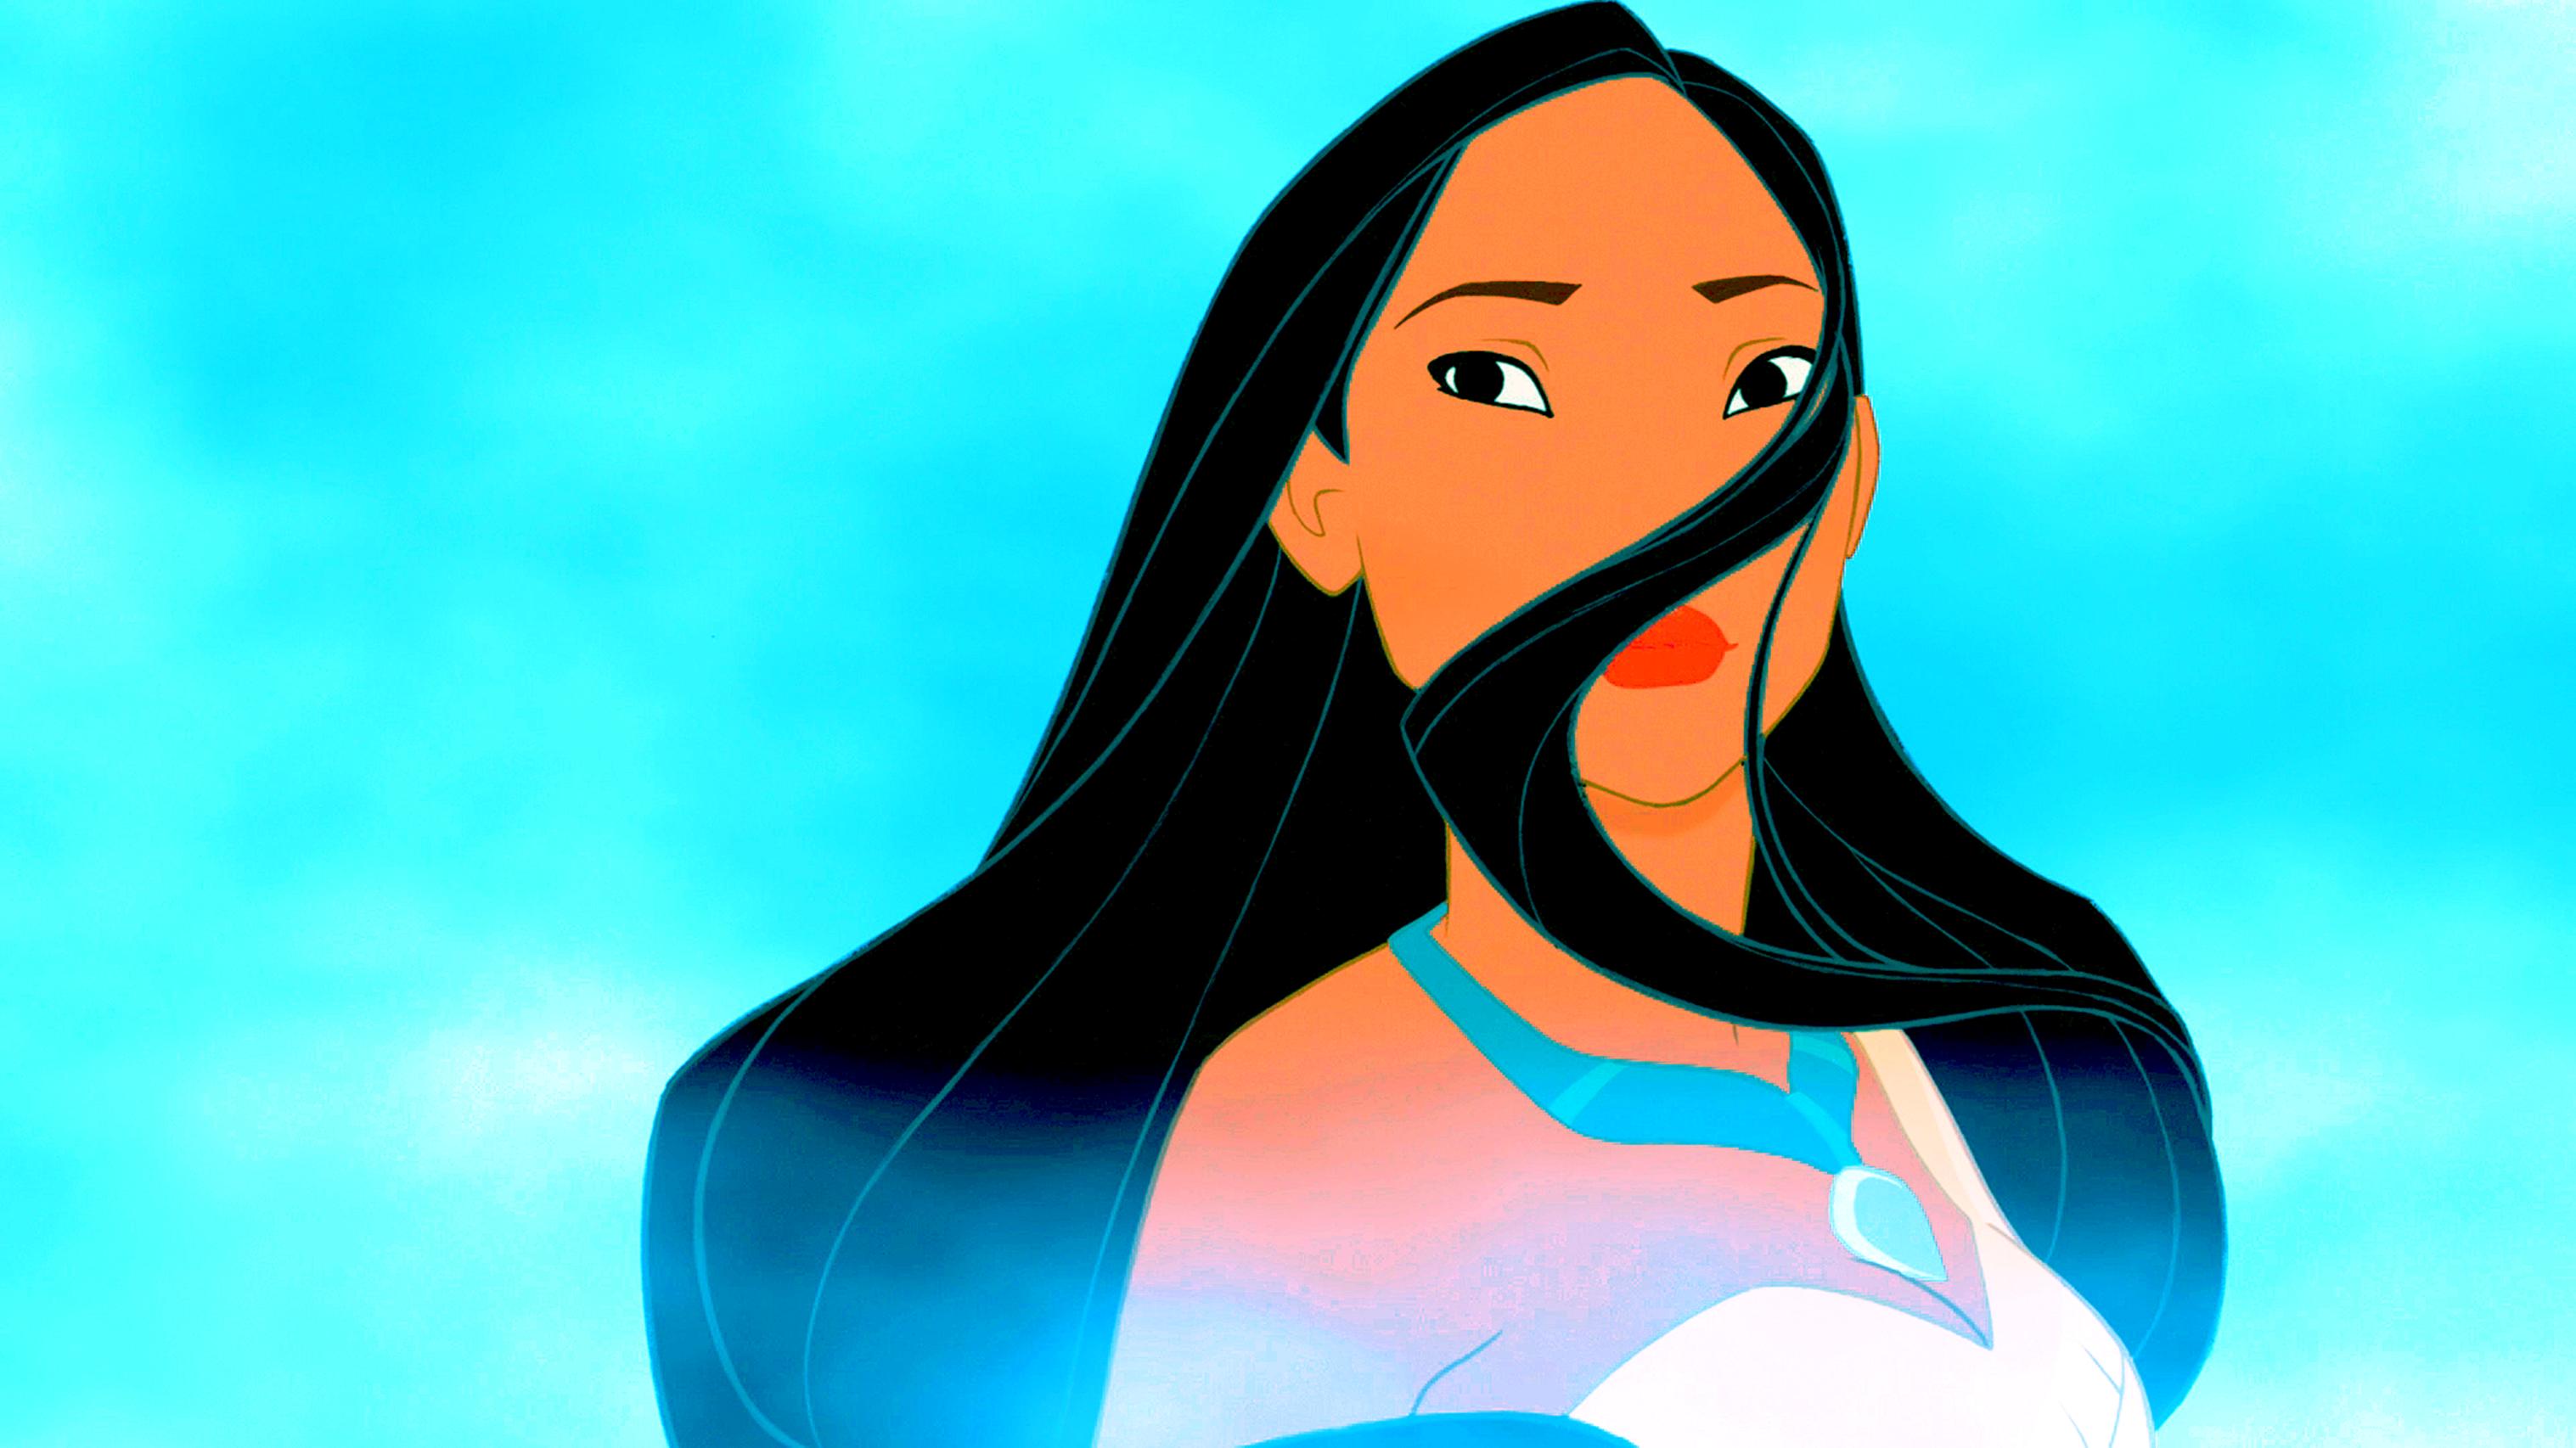 Walt Disney Screencaps - Pocahontas